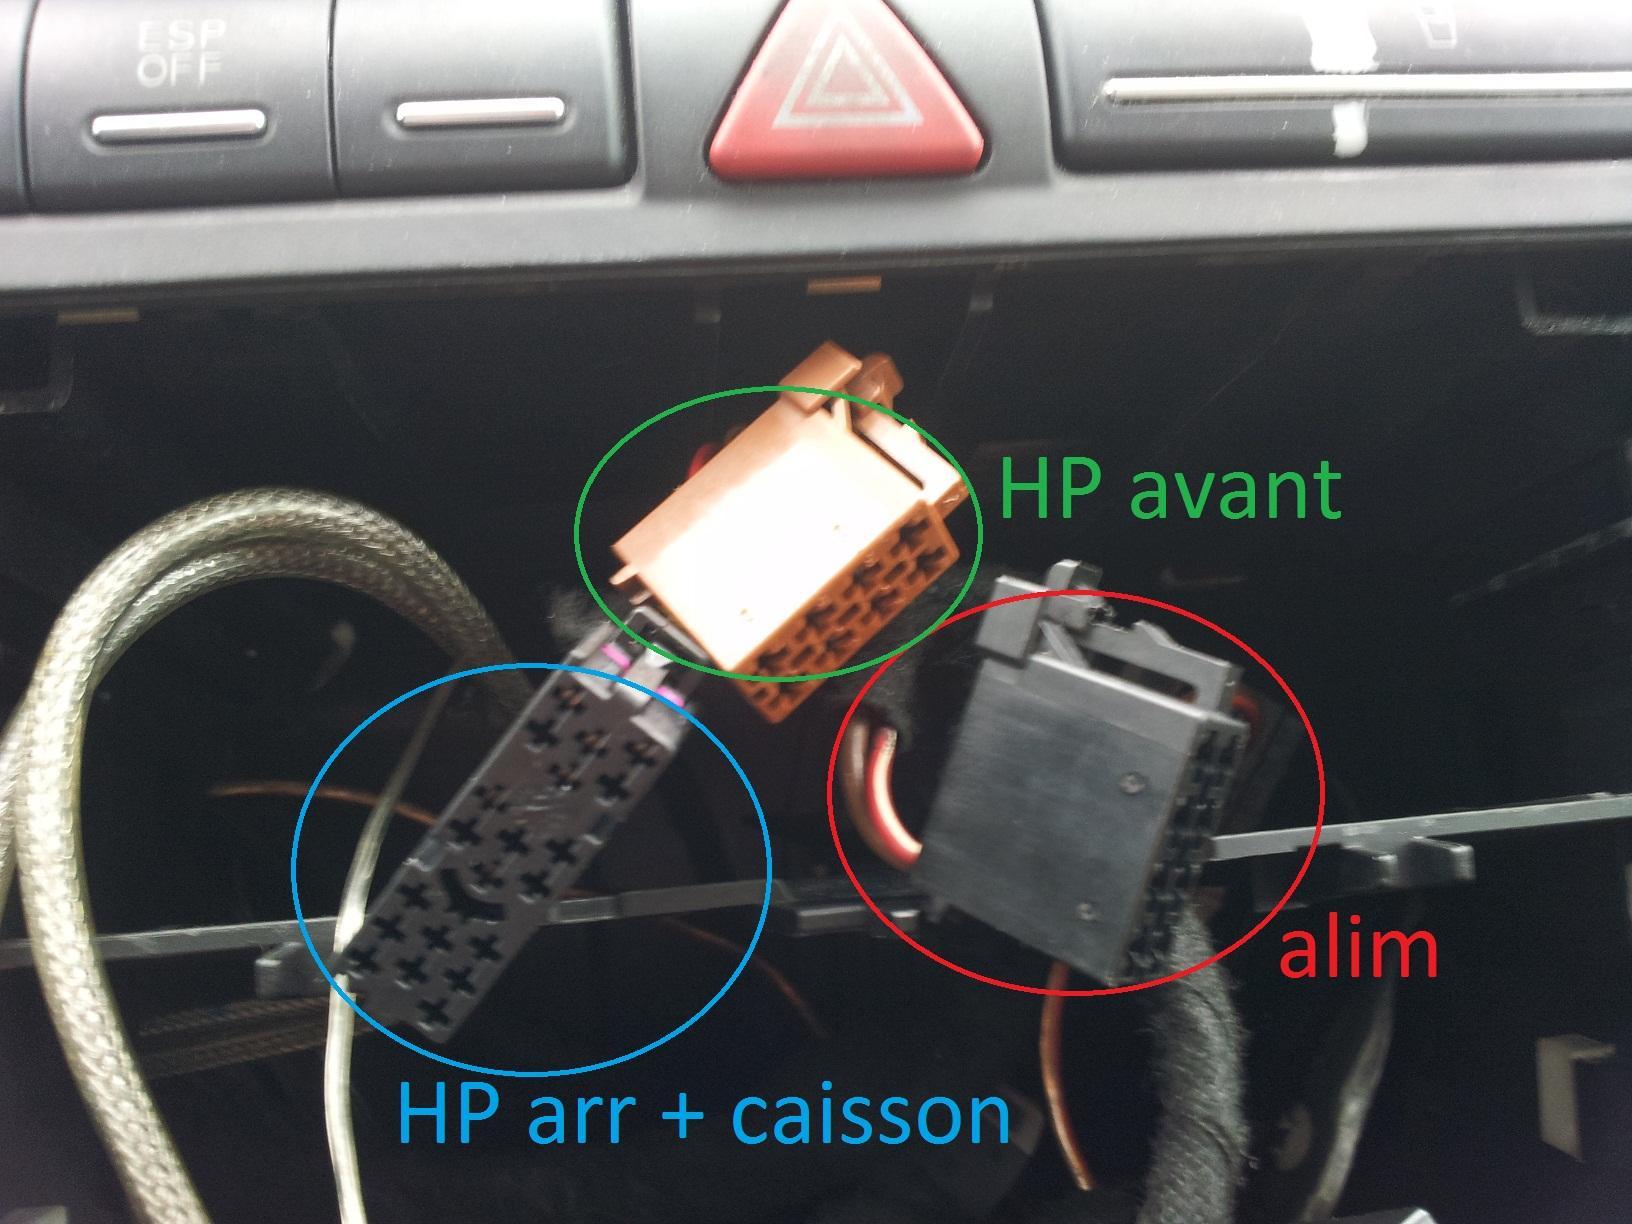 Probleme De Haut Parleur Problemes Electrique Ou Electronique Forum Audi A3 8p 8v